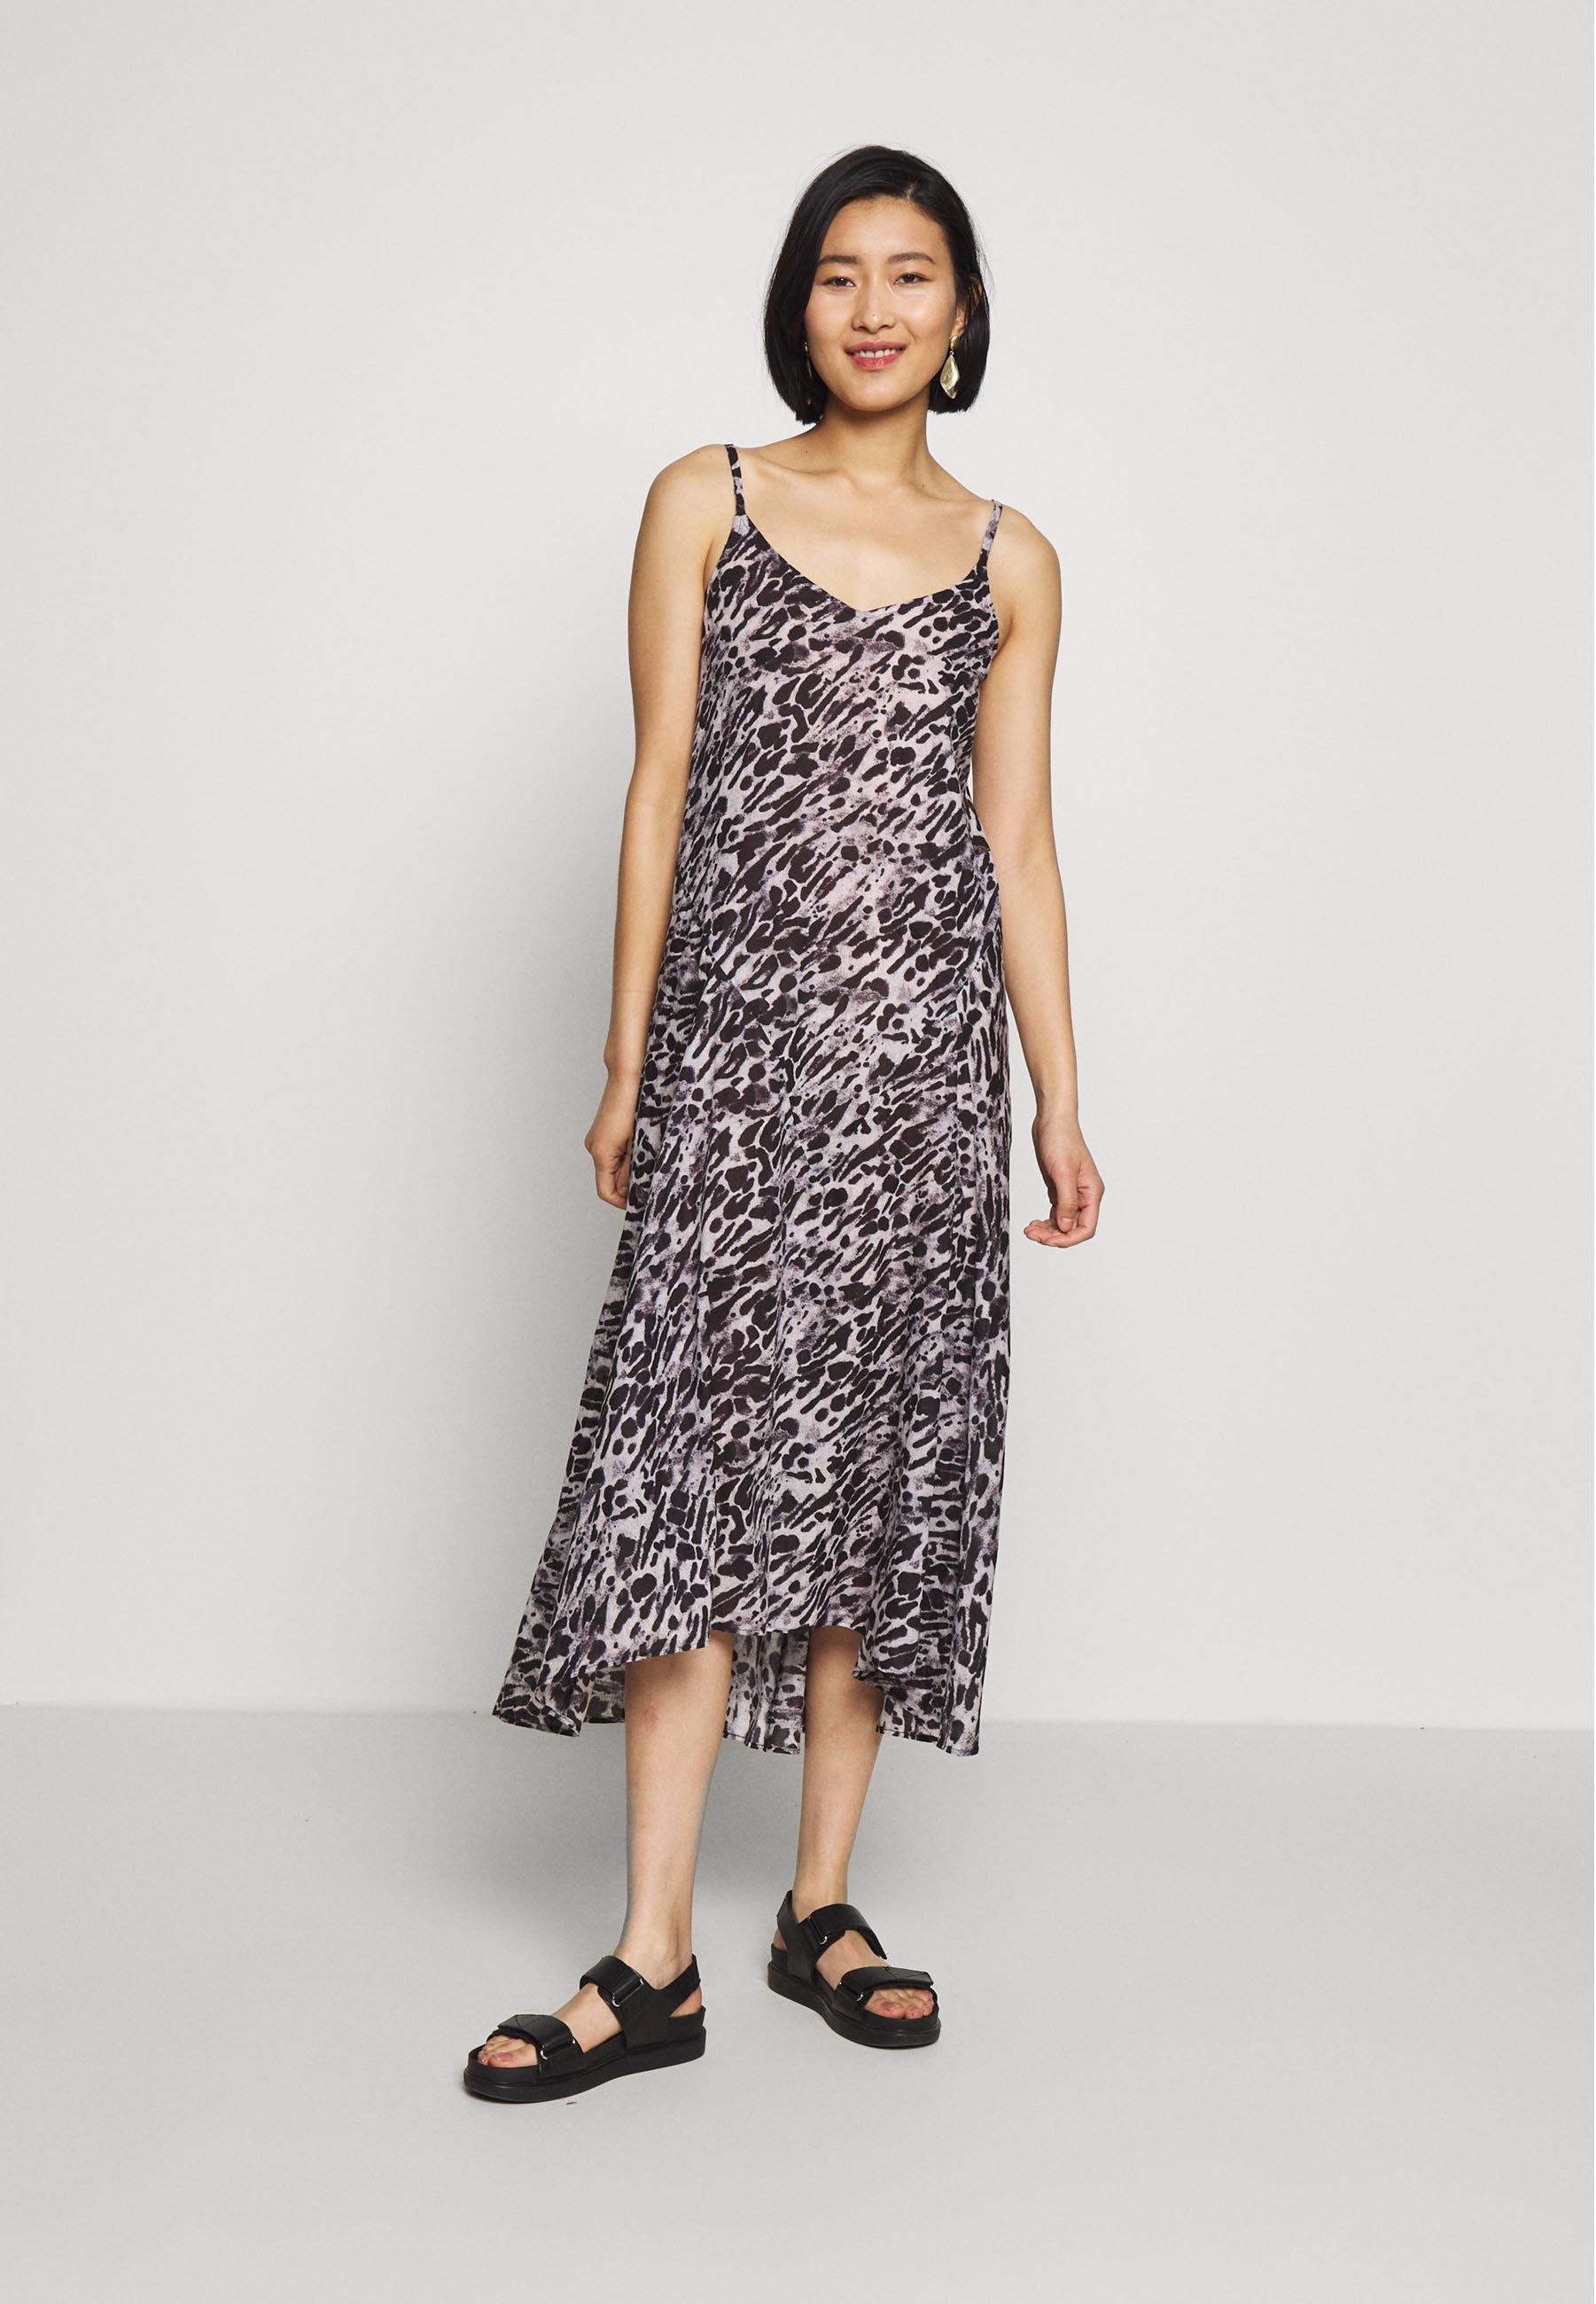 ESSIE AMBIENT DRESS Day dress pale grey